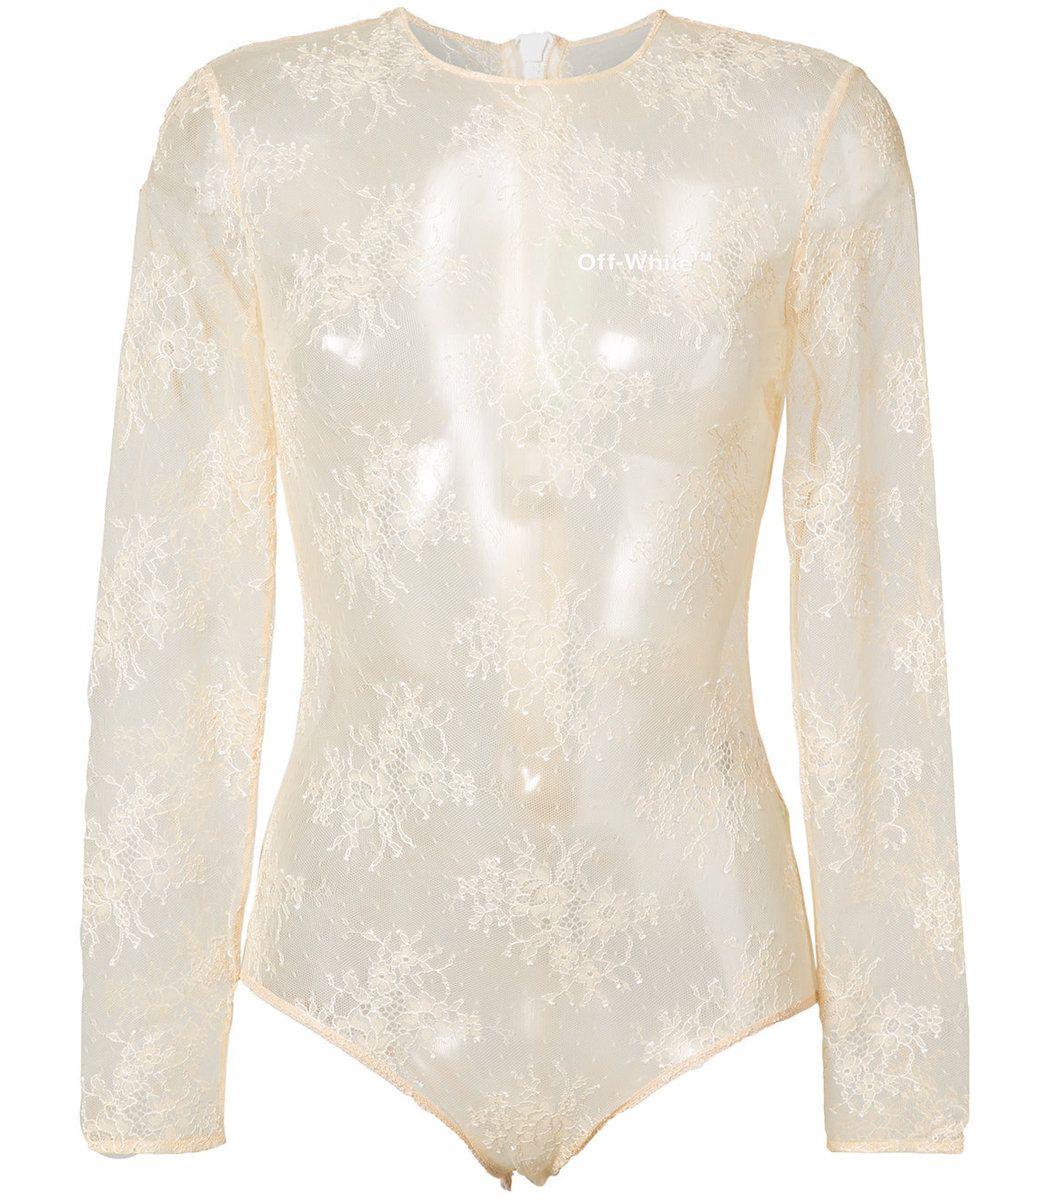 53e5ea2c OFF-WHITE Nude Neutrals Lace Bodysuit. #off-white #cloth # | Off ...